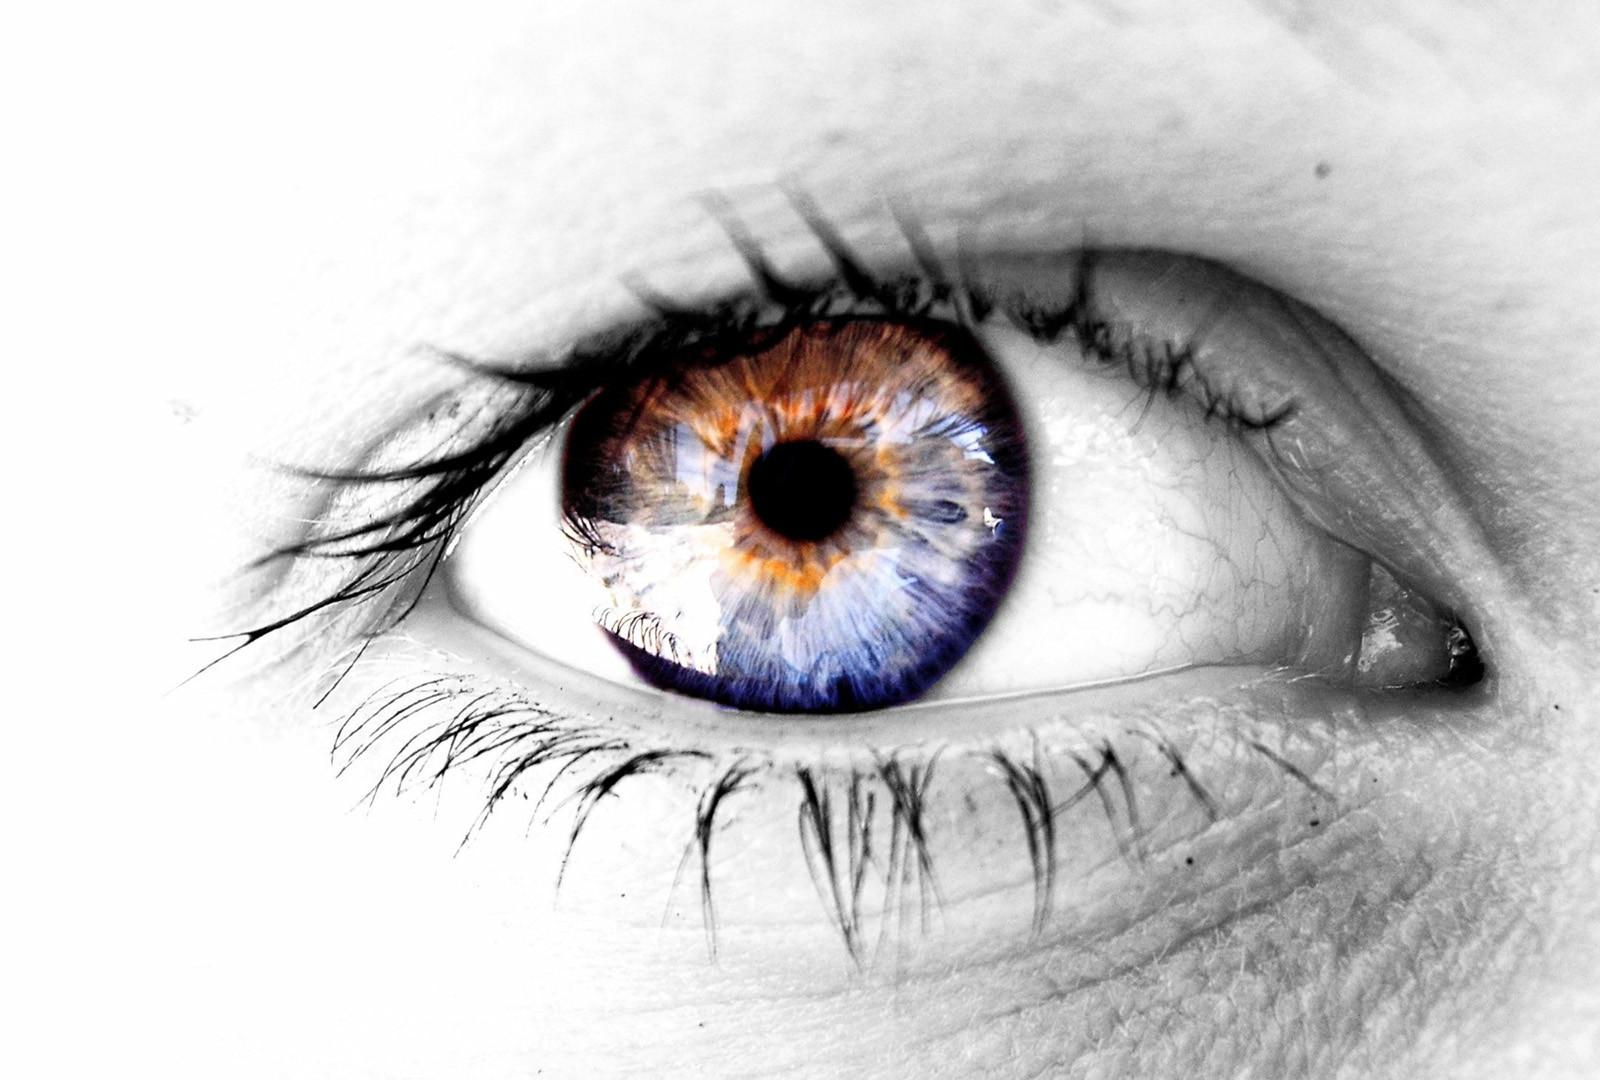 High Definition : 960x540 1024x576 1280x720 1366x768 1600x900 1920x1080  iPhone: 320x480 480x320 640x960 960x640 iPad: 1024x768 768x1024 1024x1024 - Eyes HD PNG